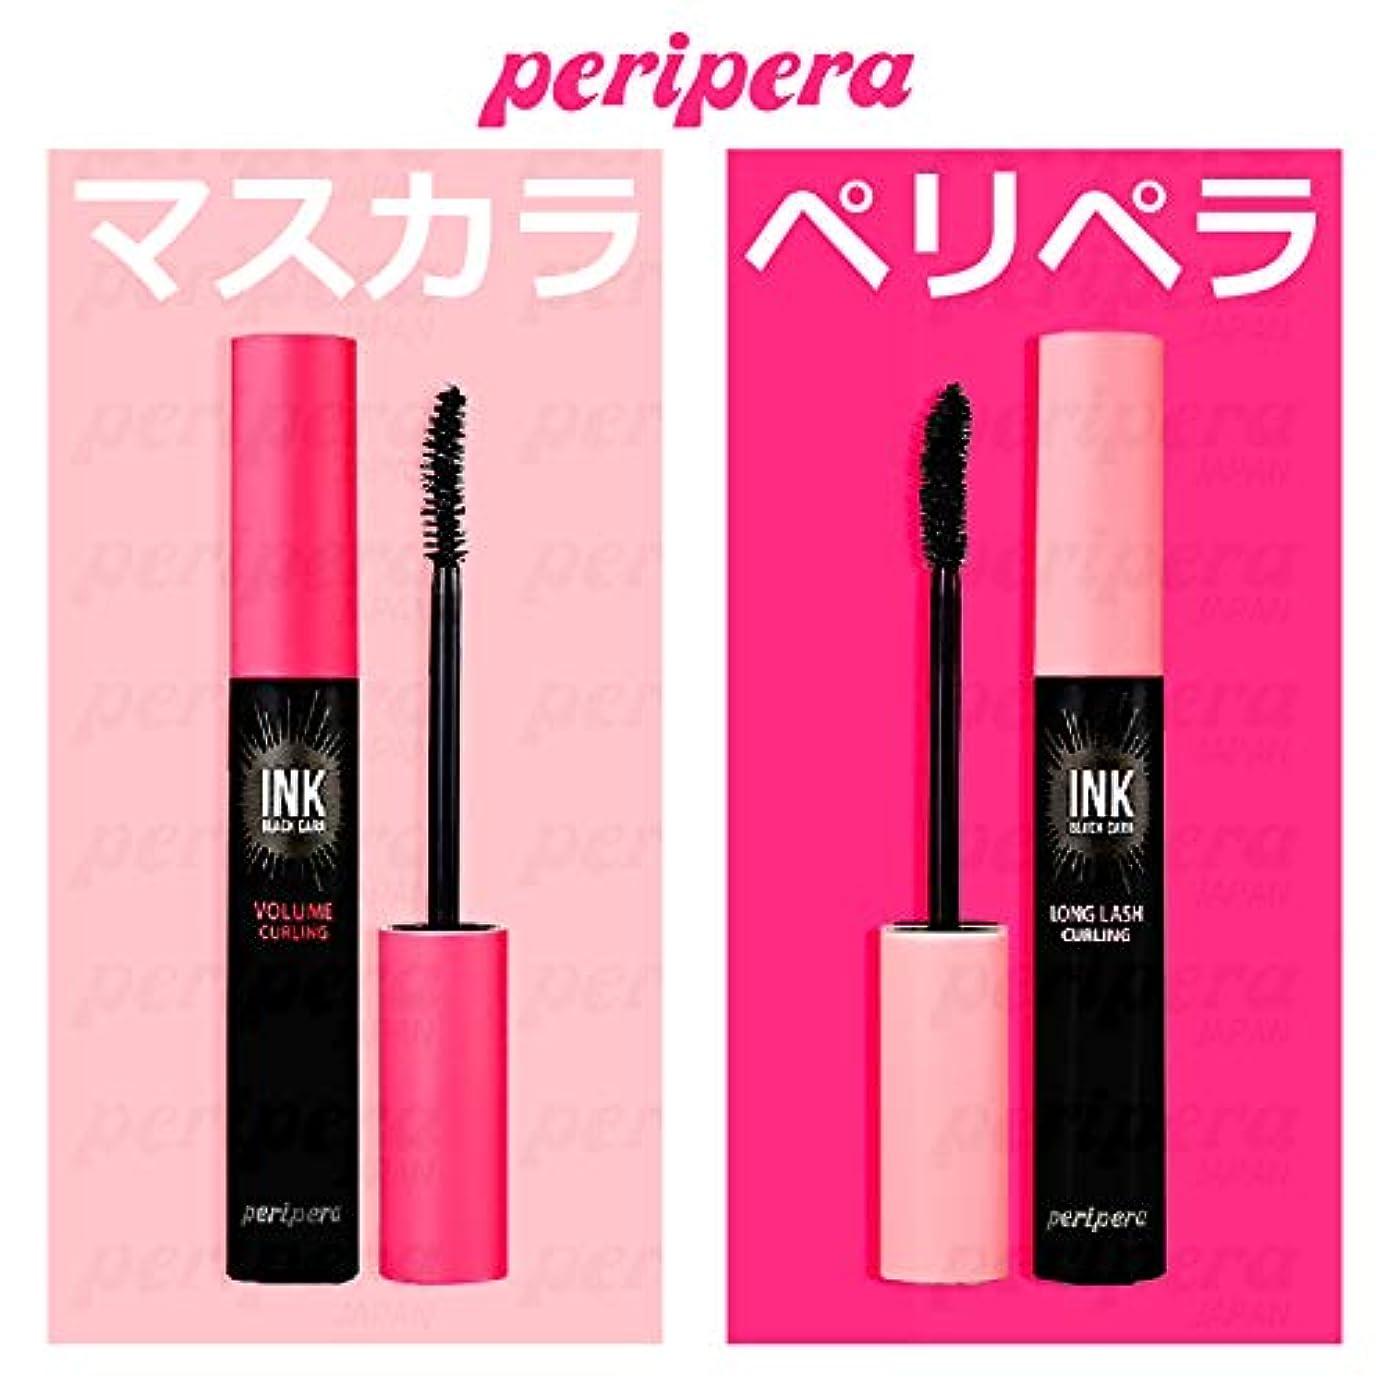 船形権威最大限[New] Peripera Ink Black Cara (#2 Volume Curling)/ペリペラ インクブラックカラ(#2ボリューム) [並行輸入品]